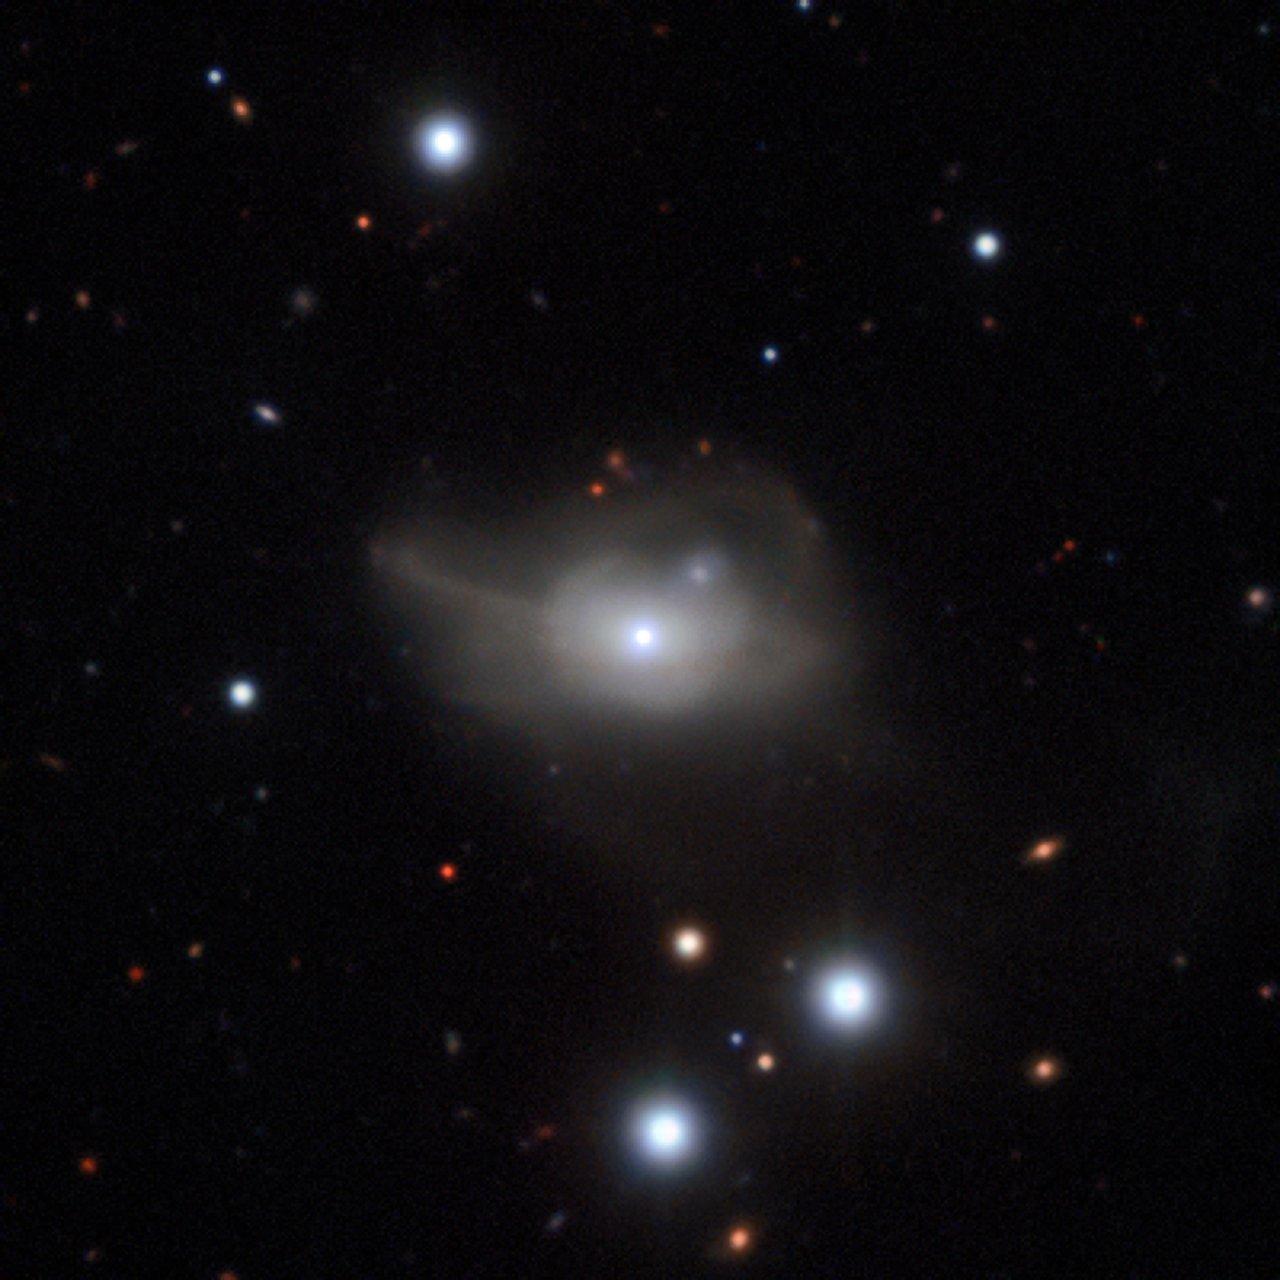 Esta imagem, obtida com o instrumento MUSE montado no Very Large Telescope do ESO, mostra a galáxia ativa Markarian 1018, a qual possui um buraco negro supermassivo no seu núcleo. Os ténues laços de luz são o resultado da sua interação e fusão com outra galáxia, num passado recente.